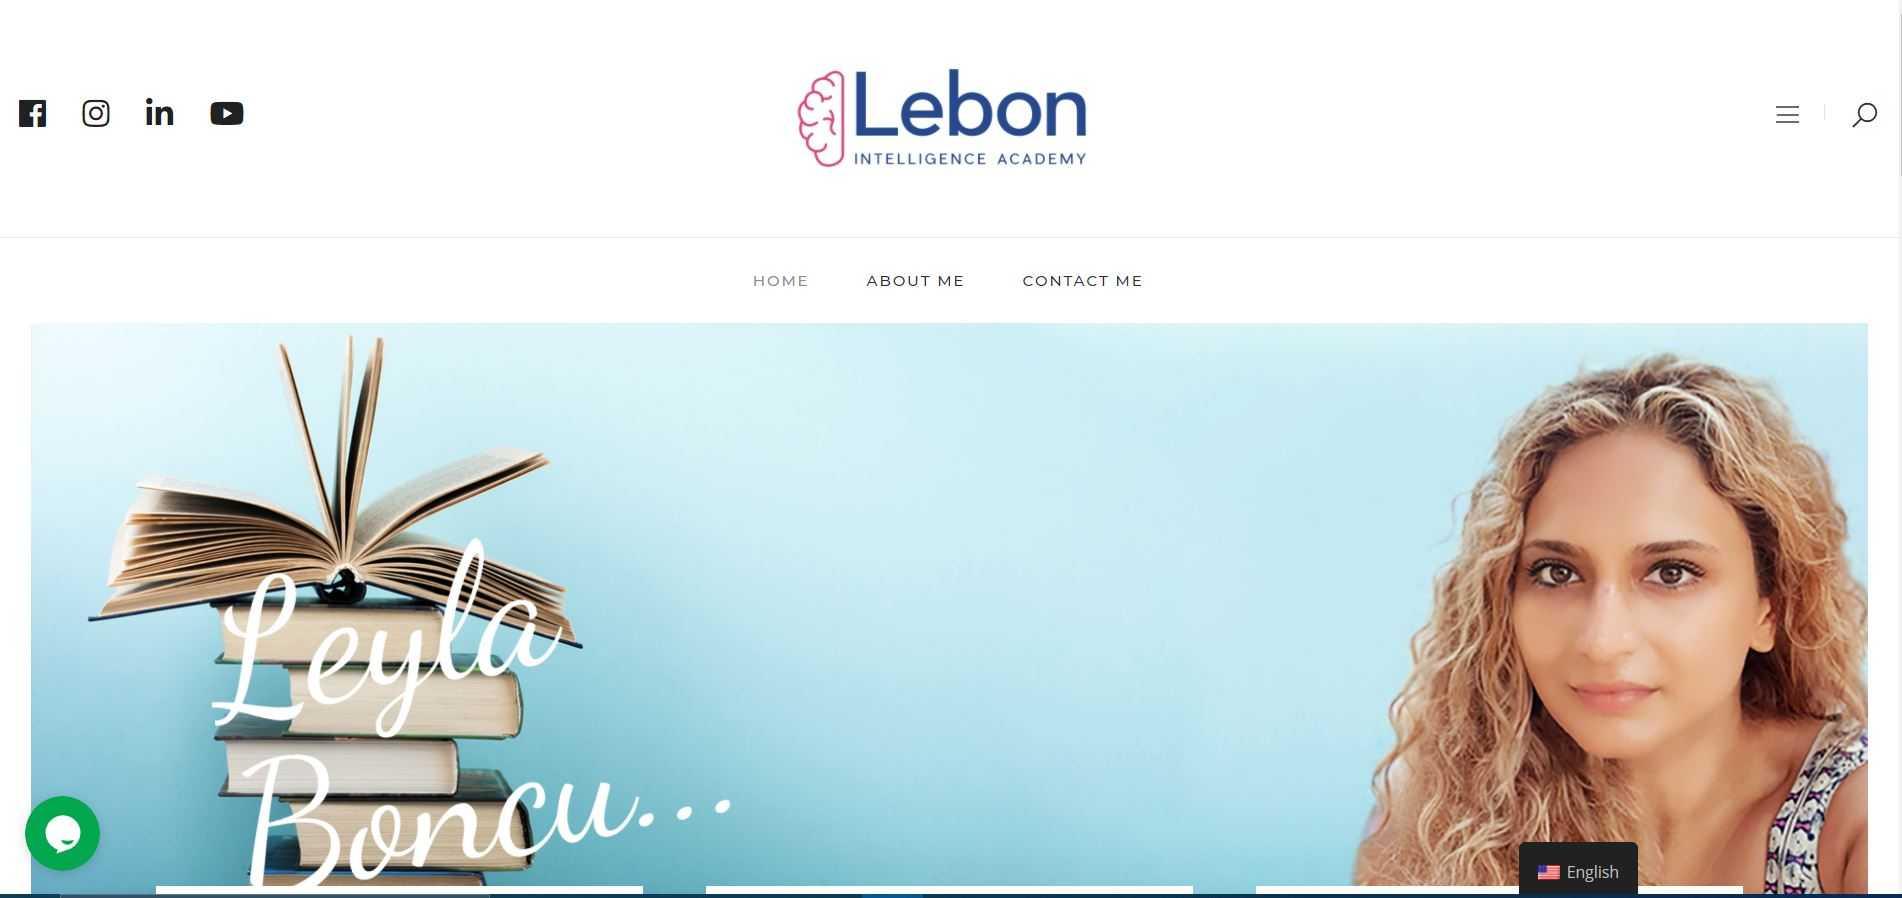 LebonAcademy.com